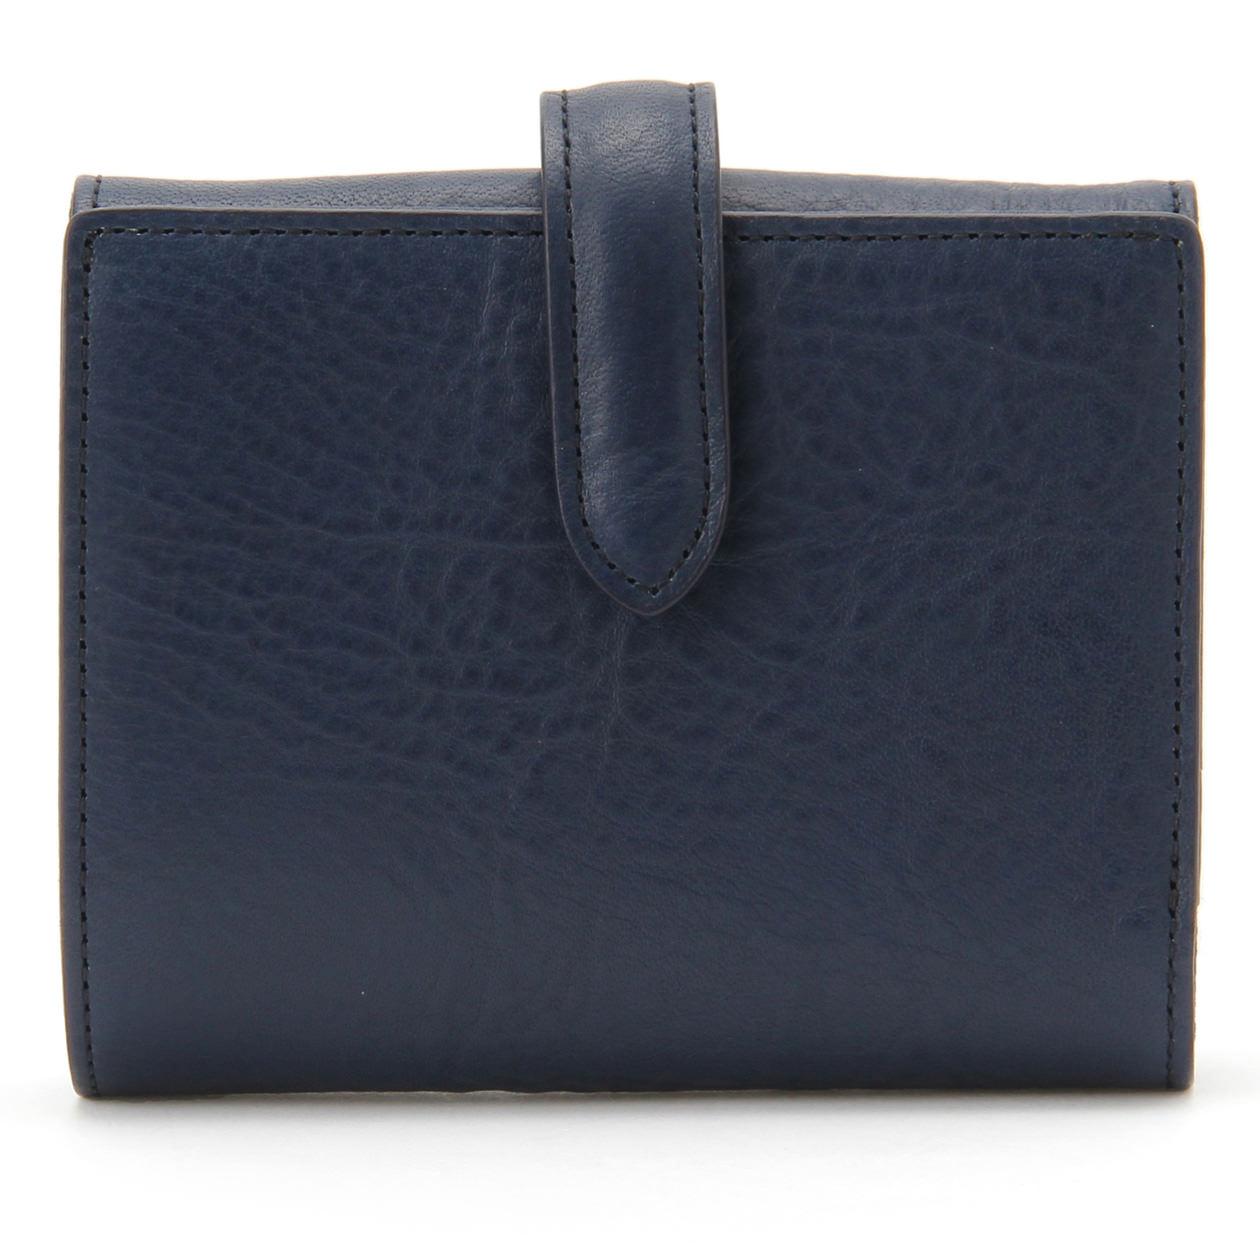 ヌメシュリンク革二つ折財布